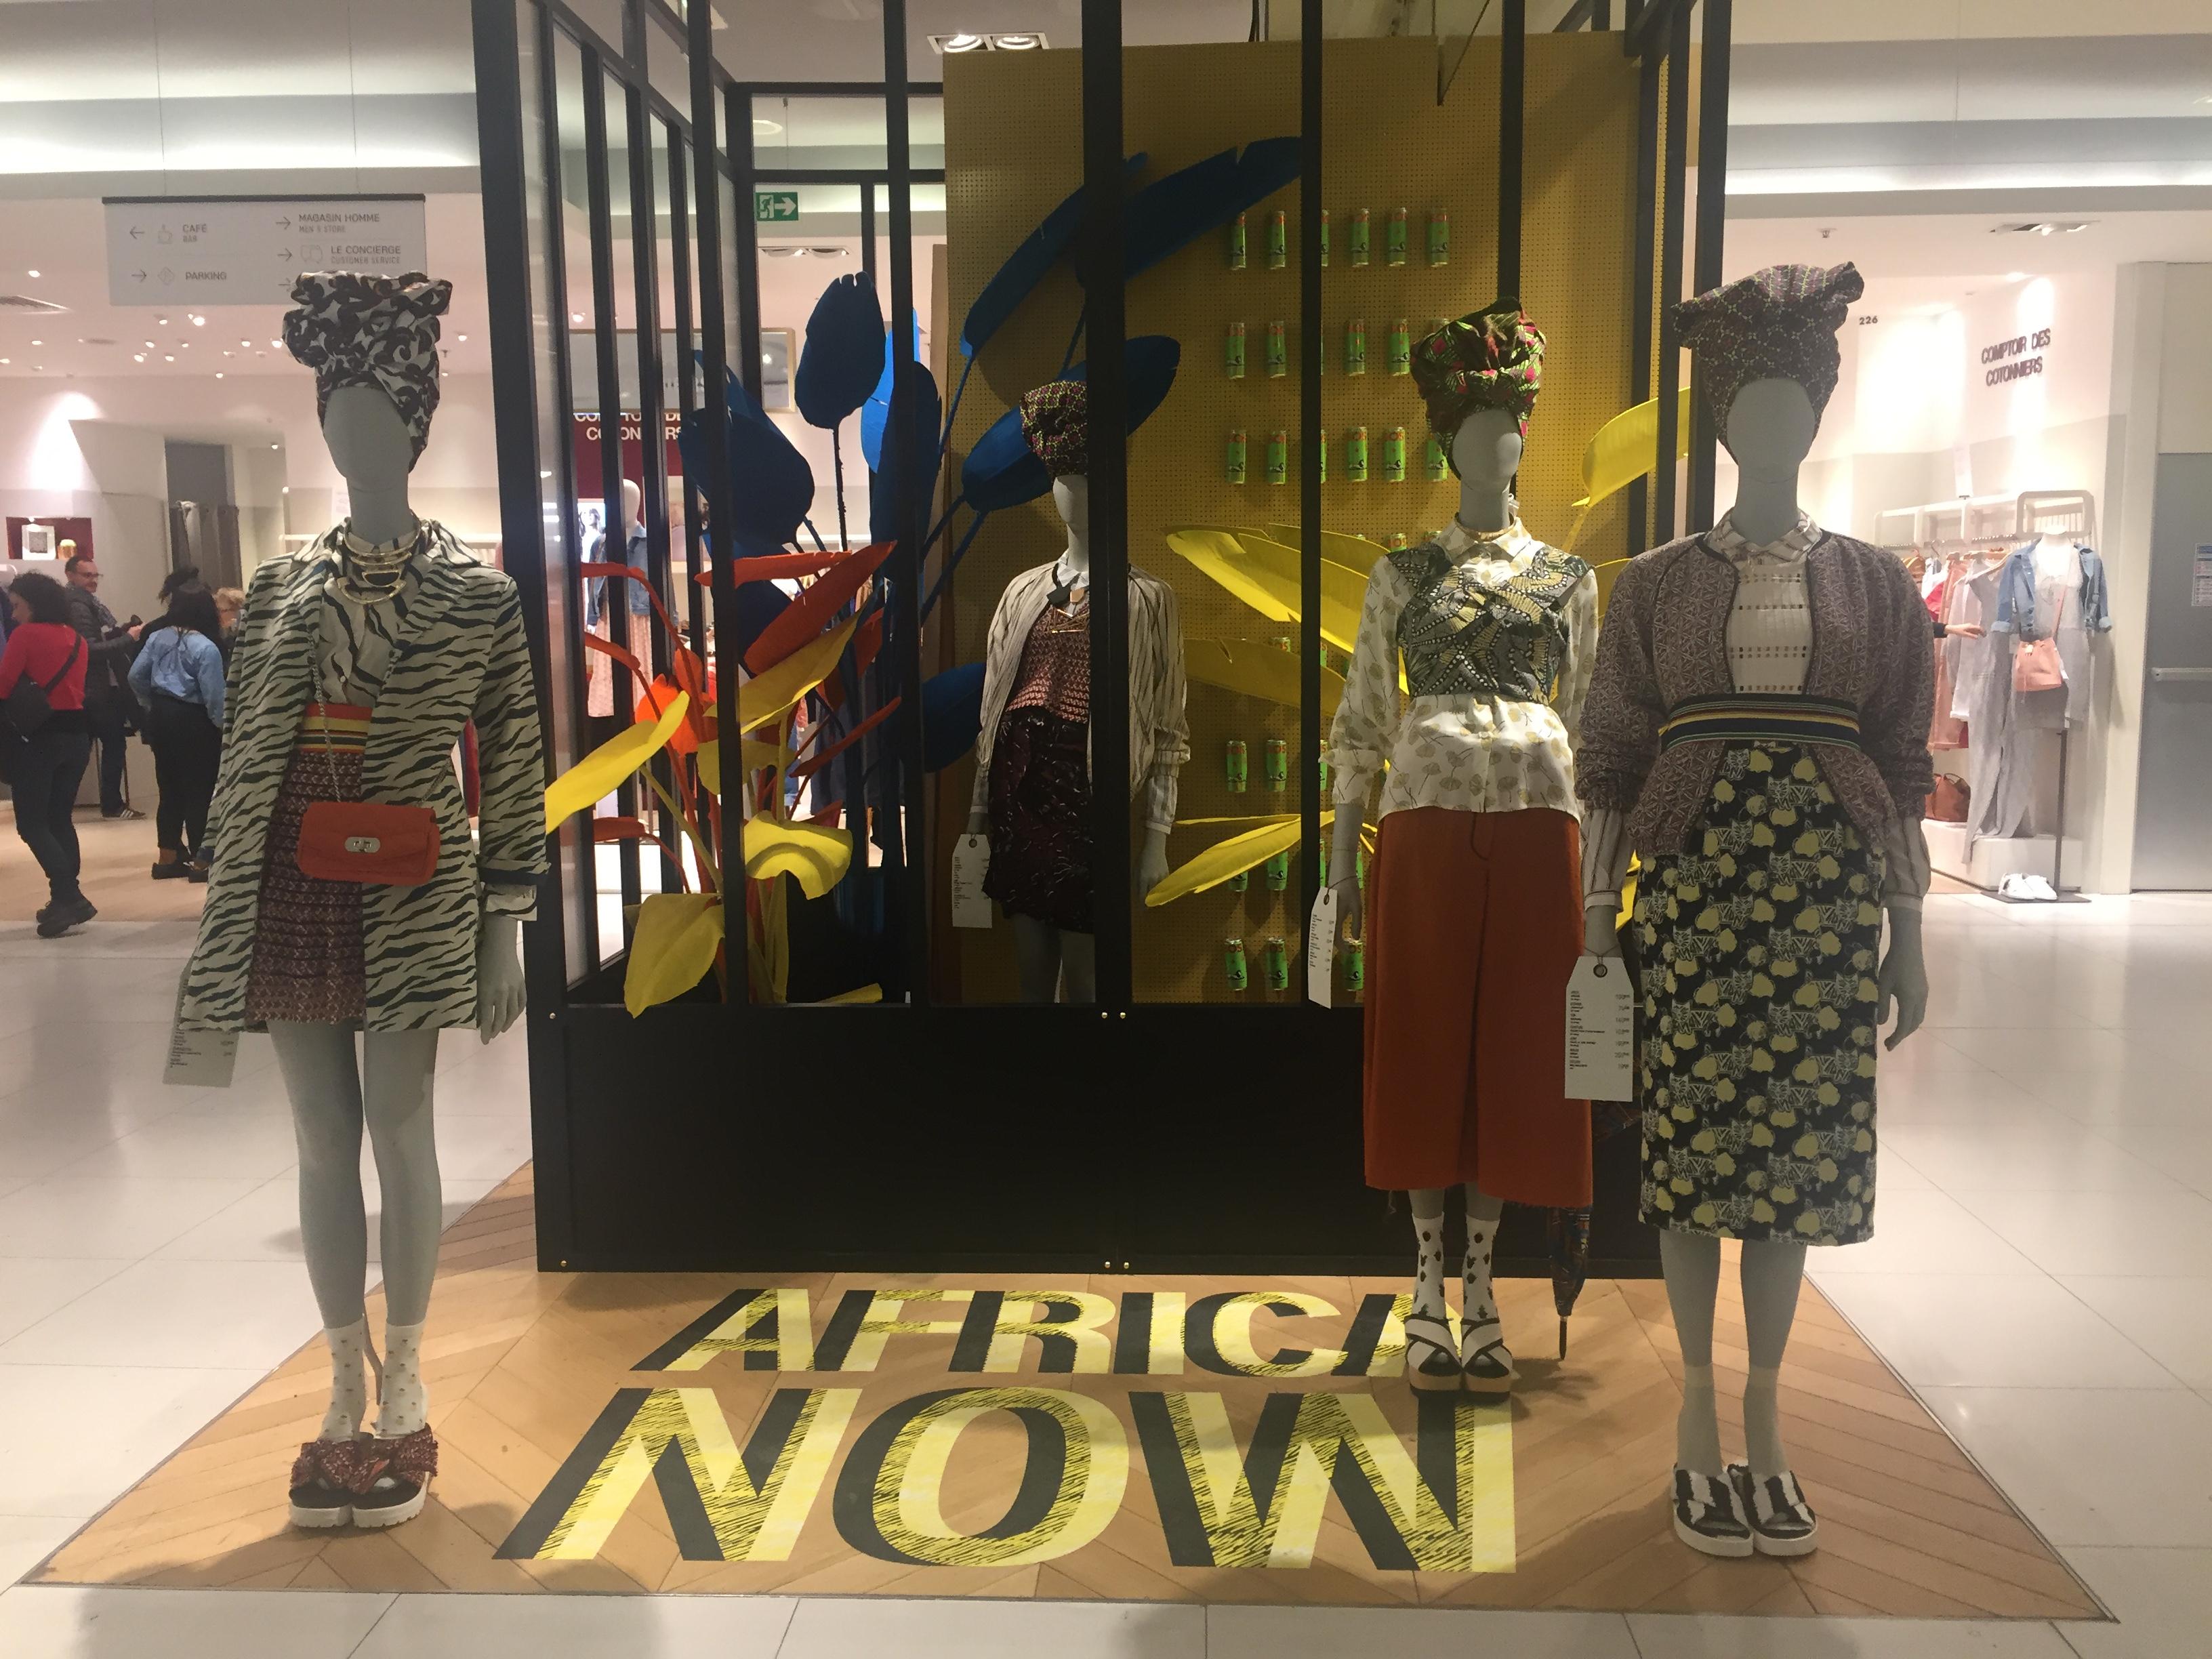 [Africa Now] : Une nouvelle campagne publicitaire des Galeries Lafayette visant à célébrer l'énergie de la création sur le continent africain